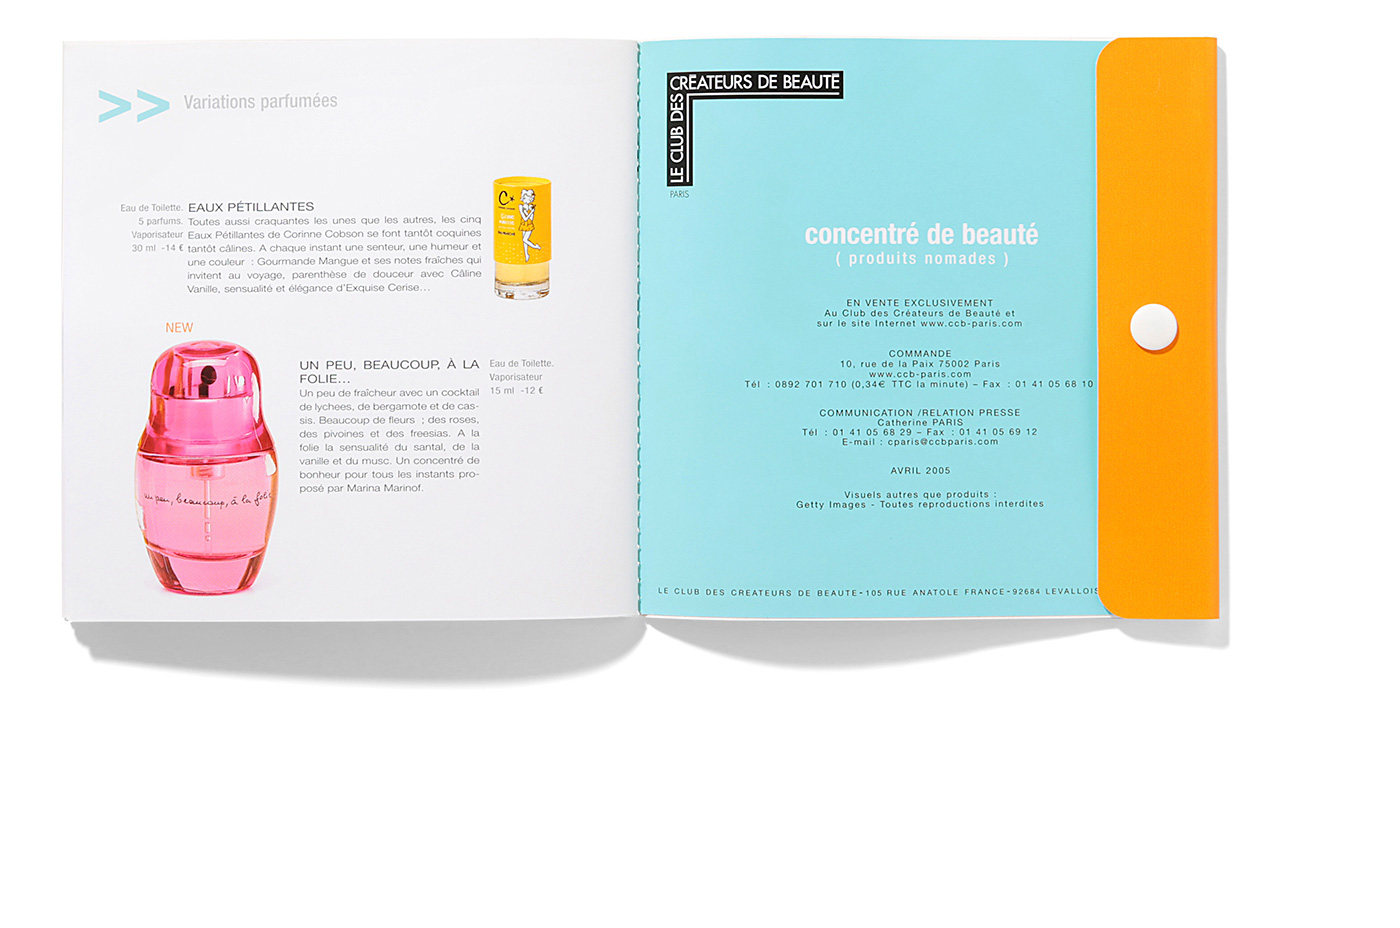 CCB-Concentre-Beaute-7-cadre-opti-eleve copie